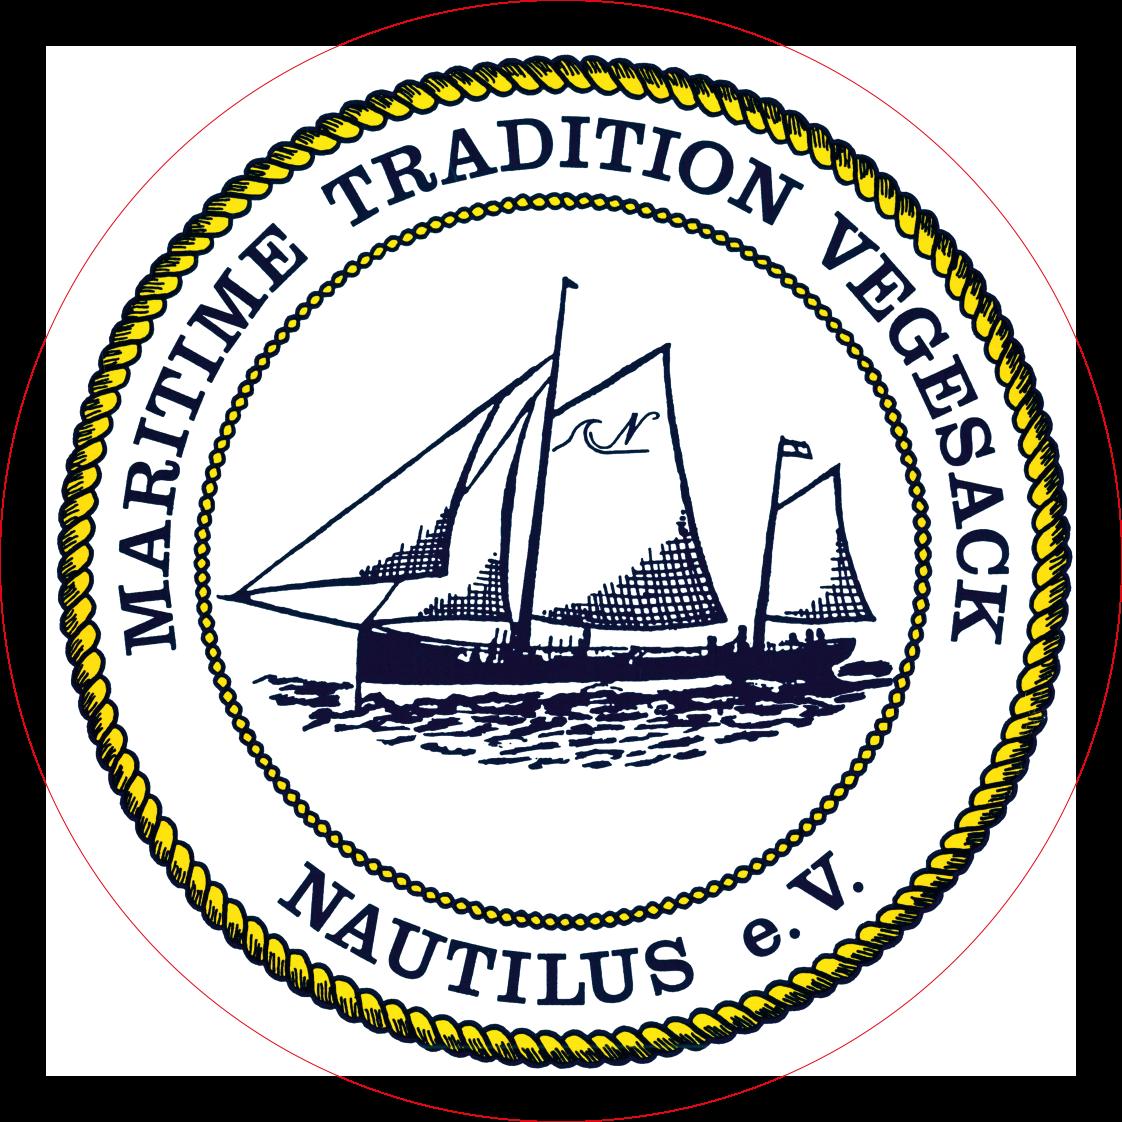 MTV Nautilus